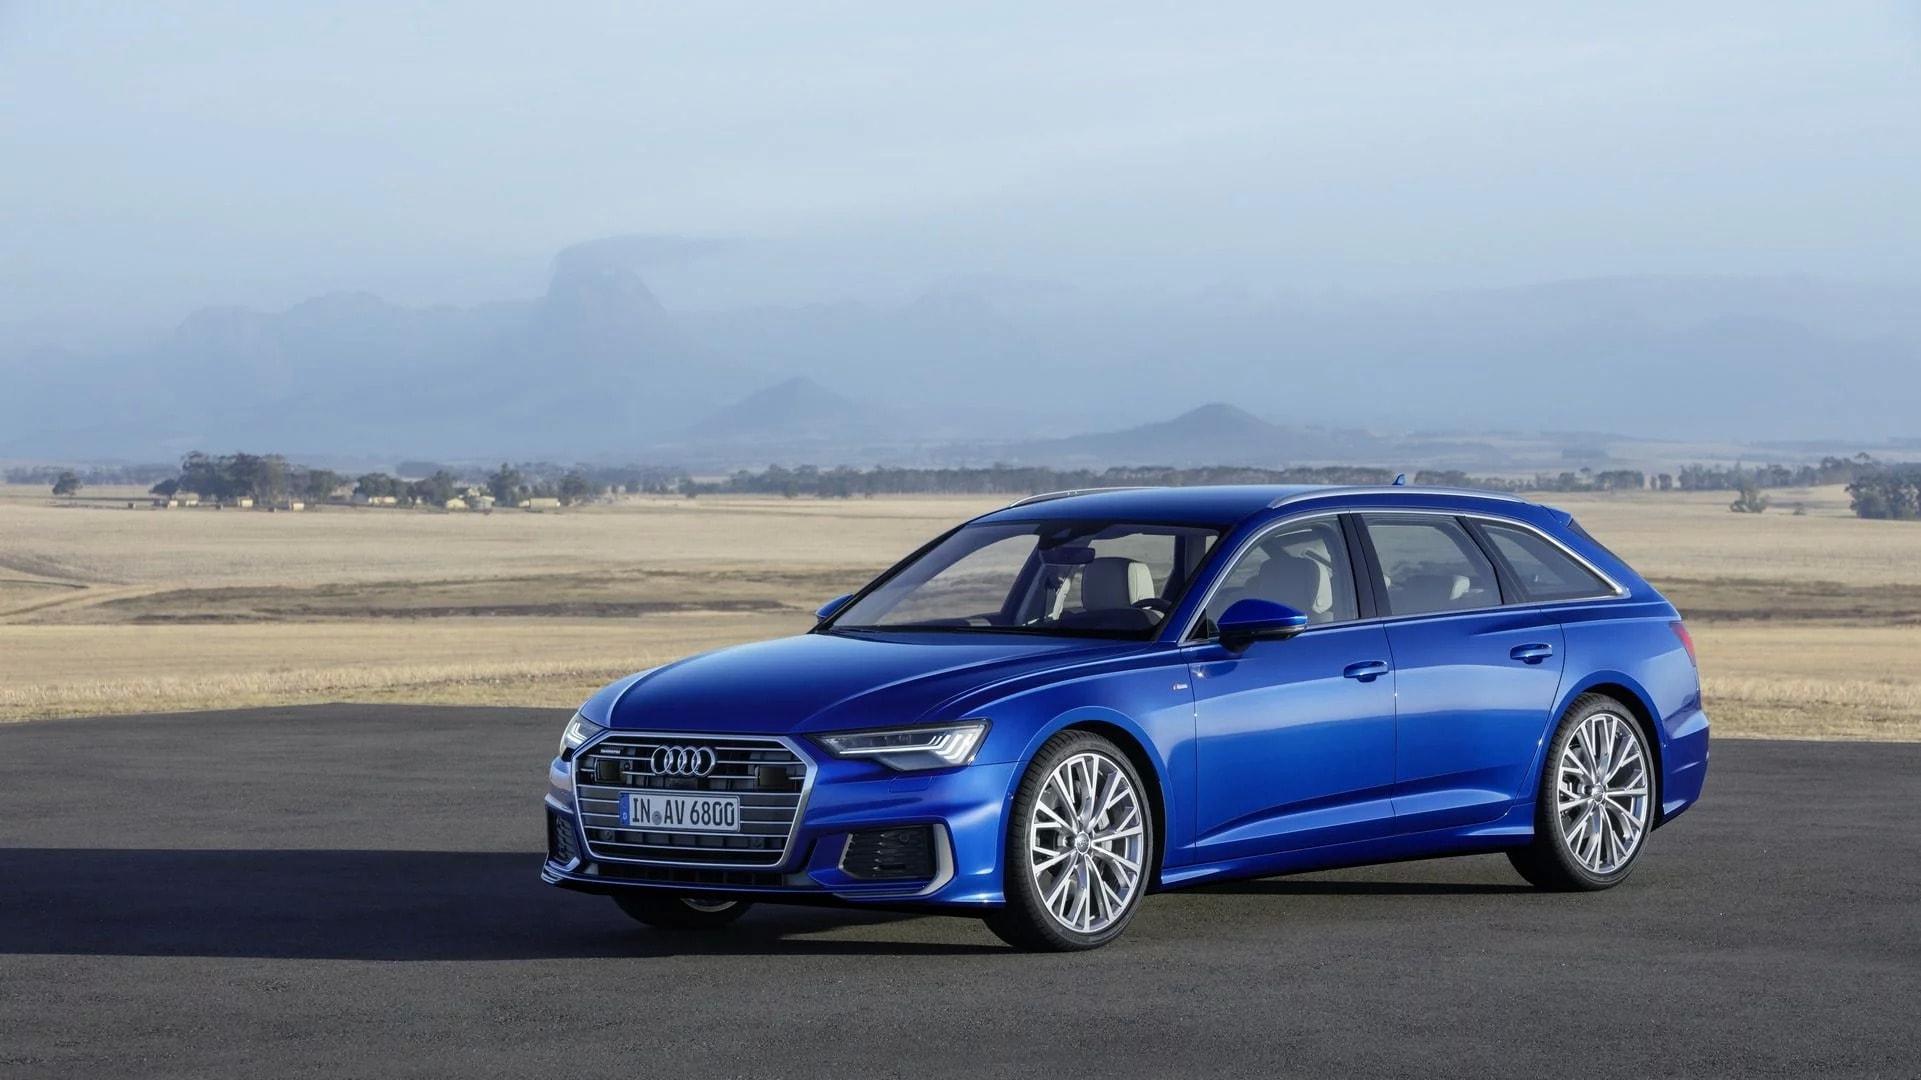 Kekurangan Audi A6 Avant 2019 Harga